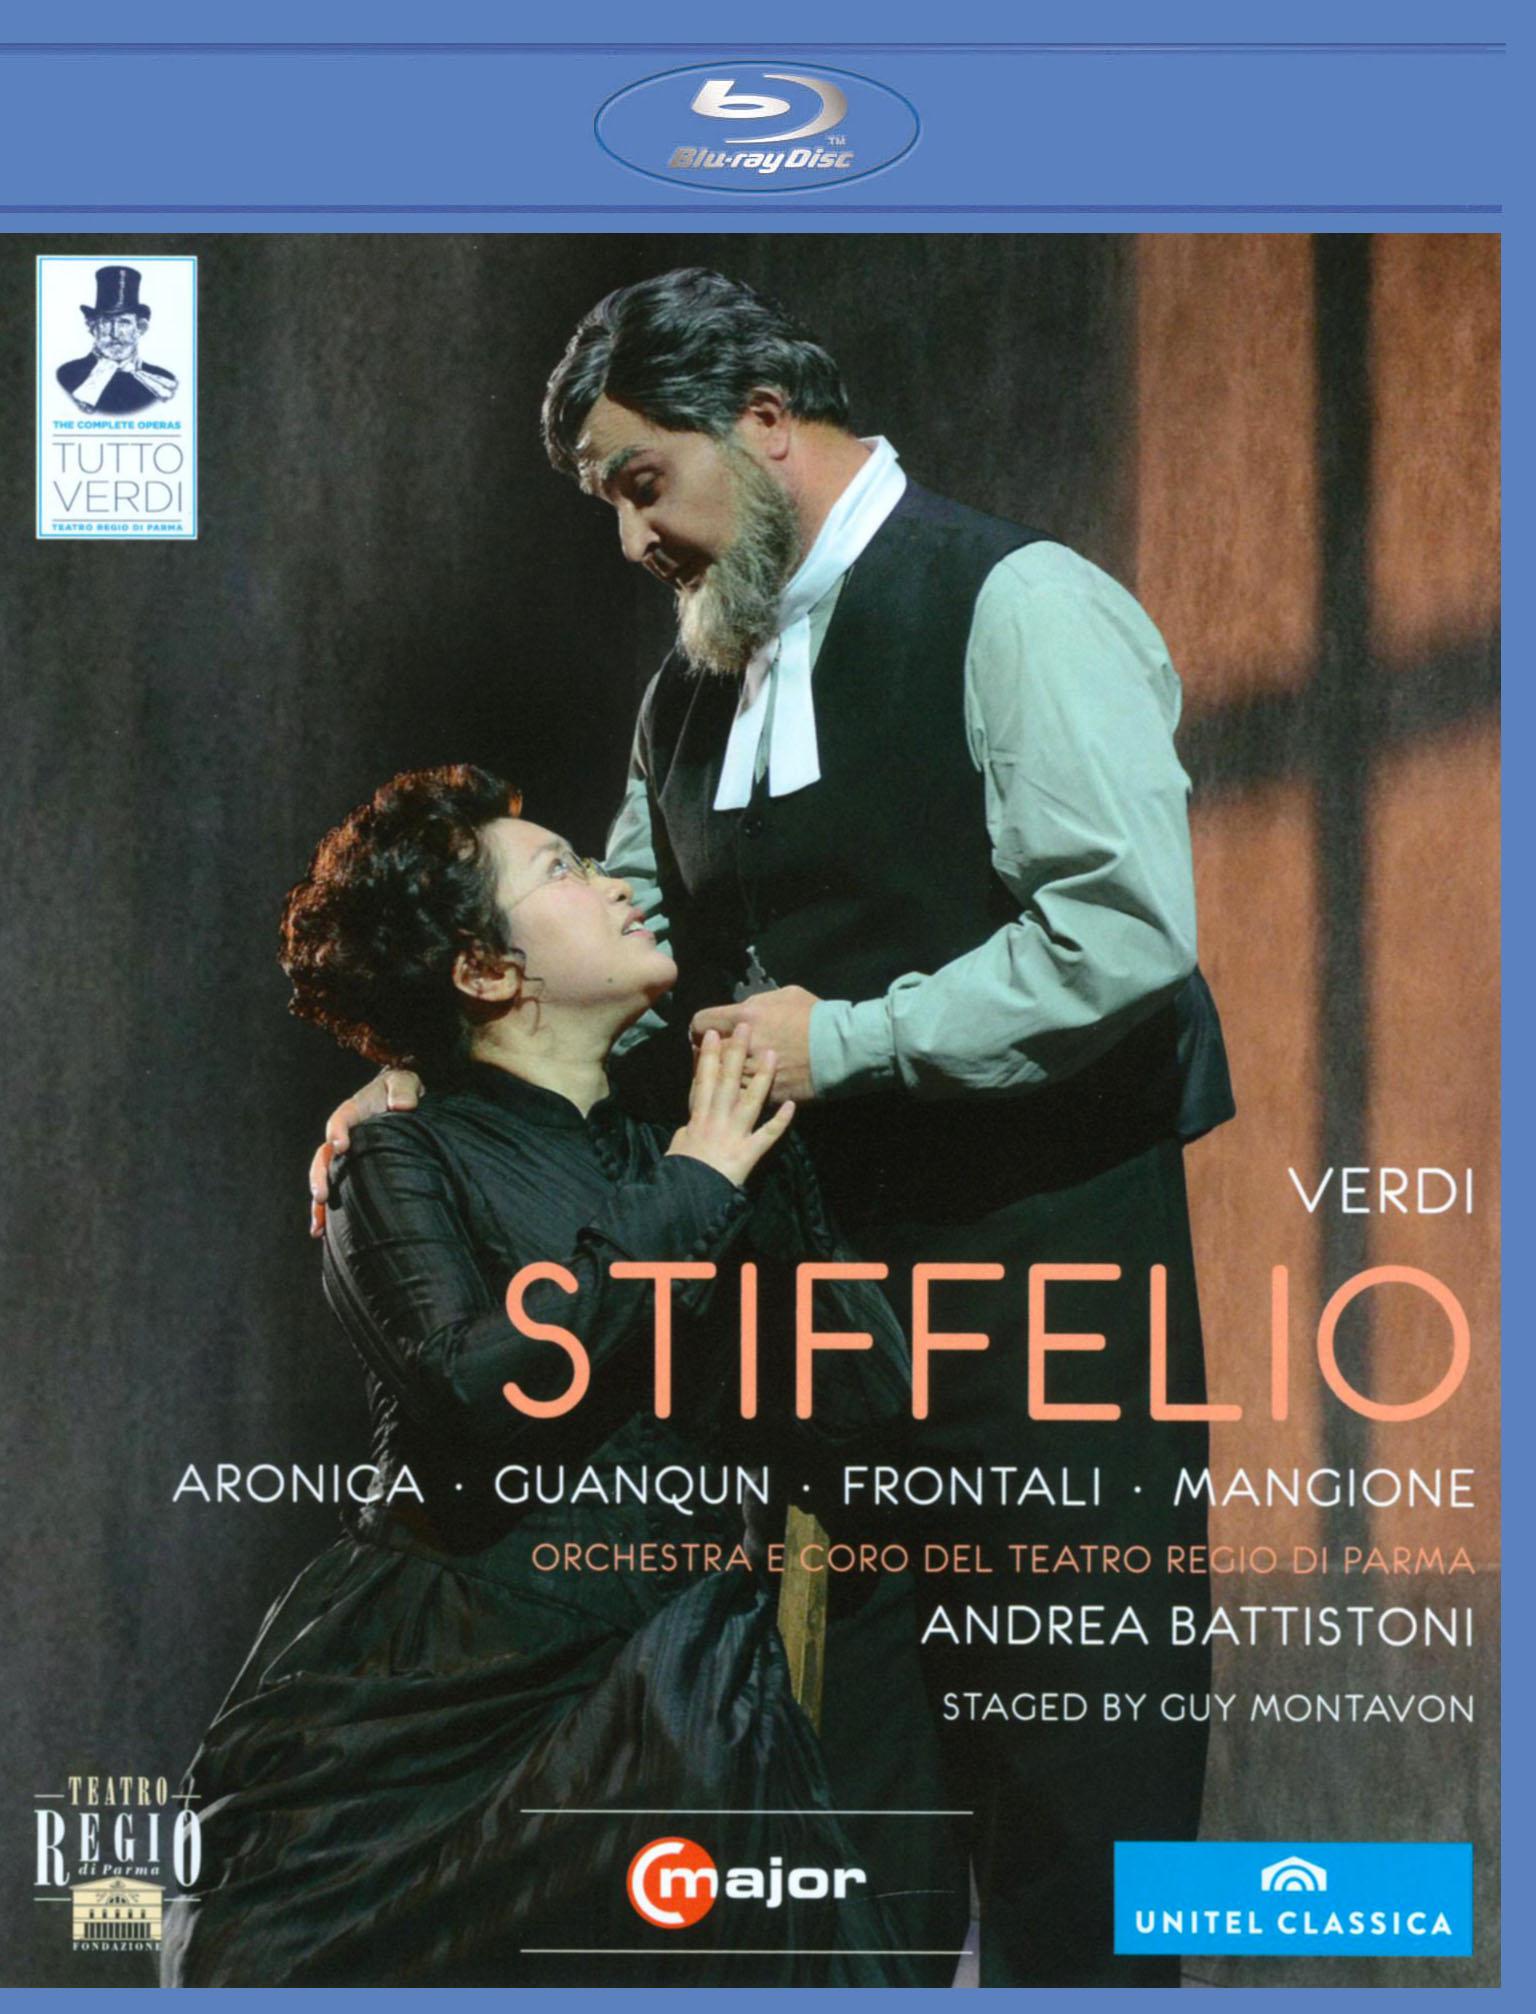 Stiffelio (Teatro Regio di Parma)